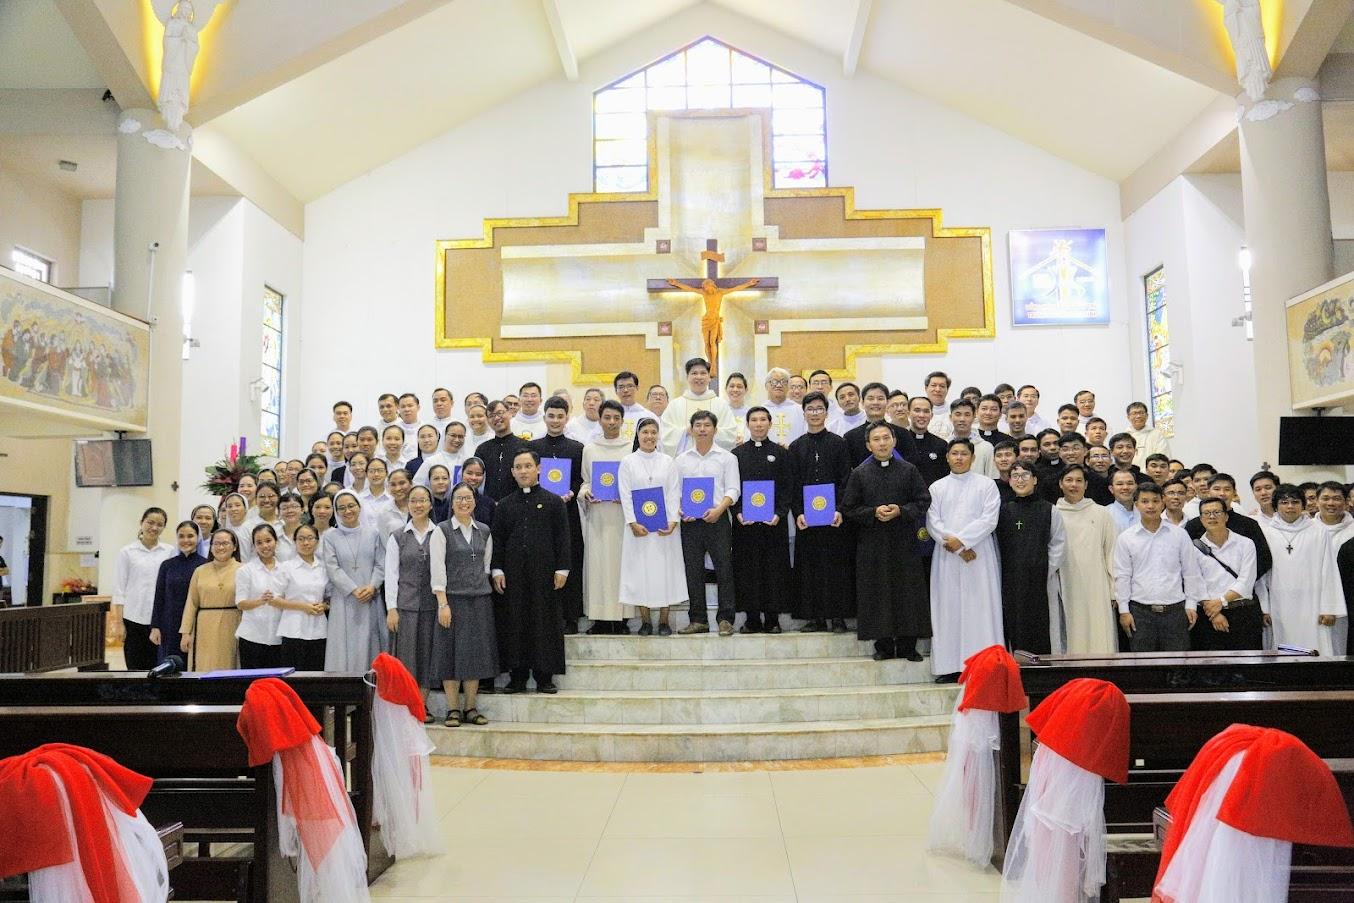 Trung Tâm Thần Học Sedes Sapientiae: Ngày Lễ Mừng Bổn Mạng (12/12/2020)